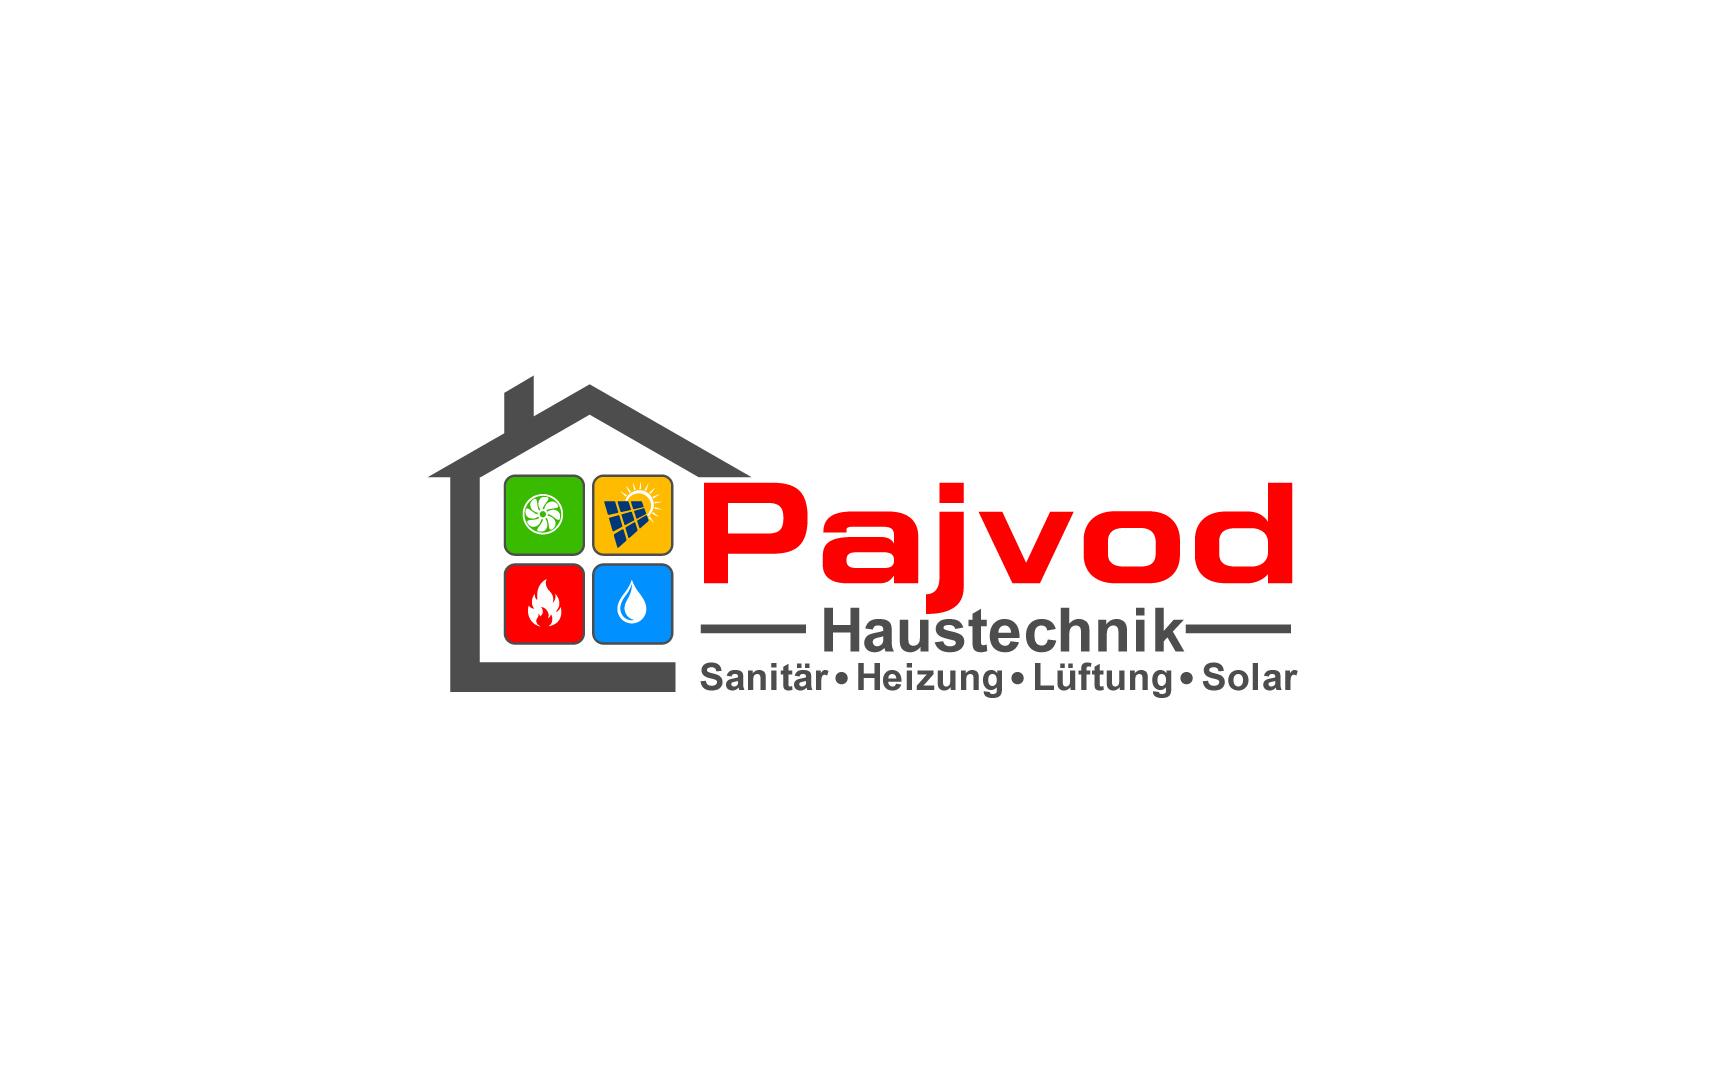 Pajvod Haustechnik e.K.